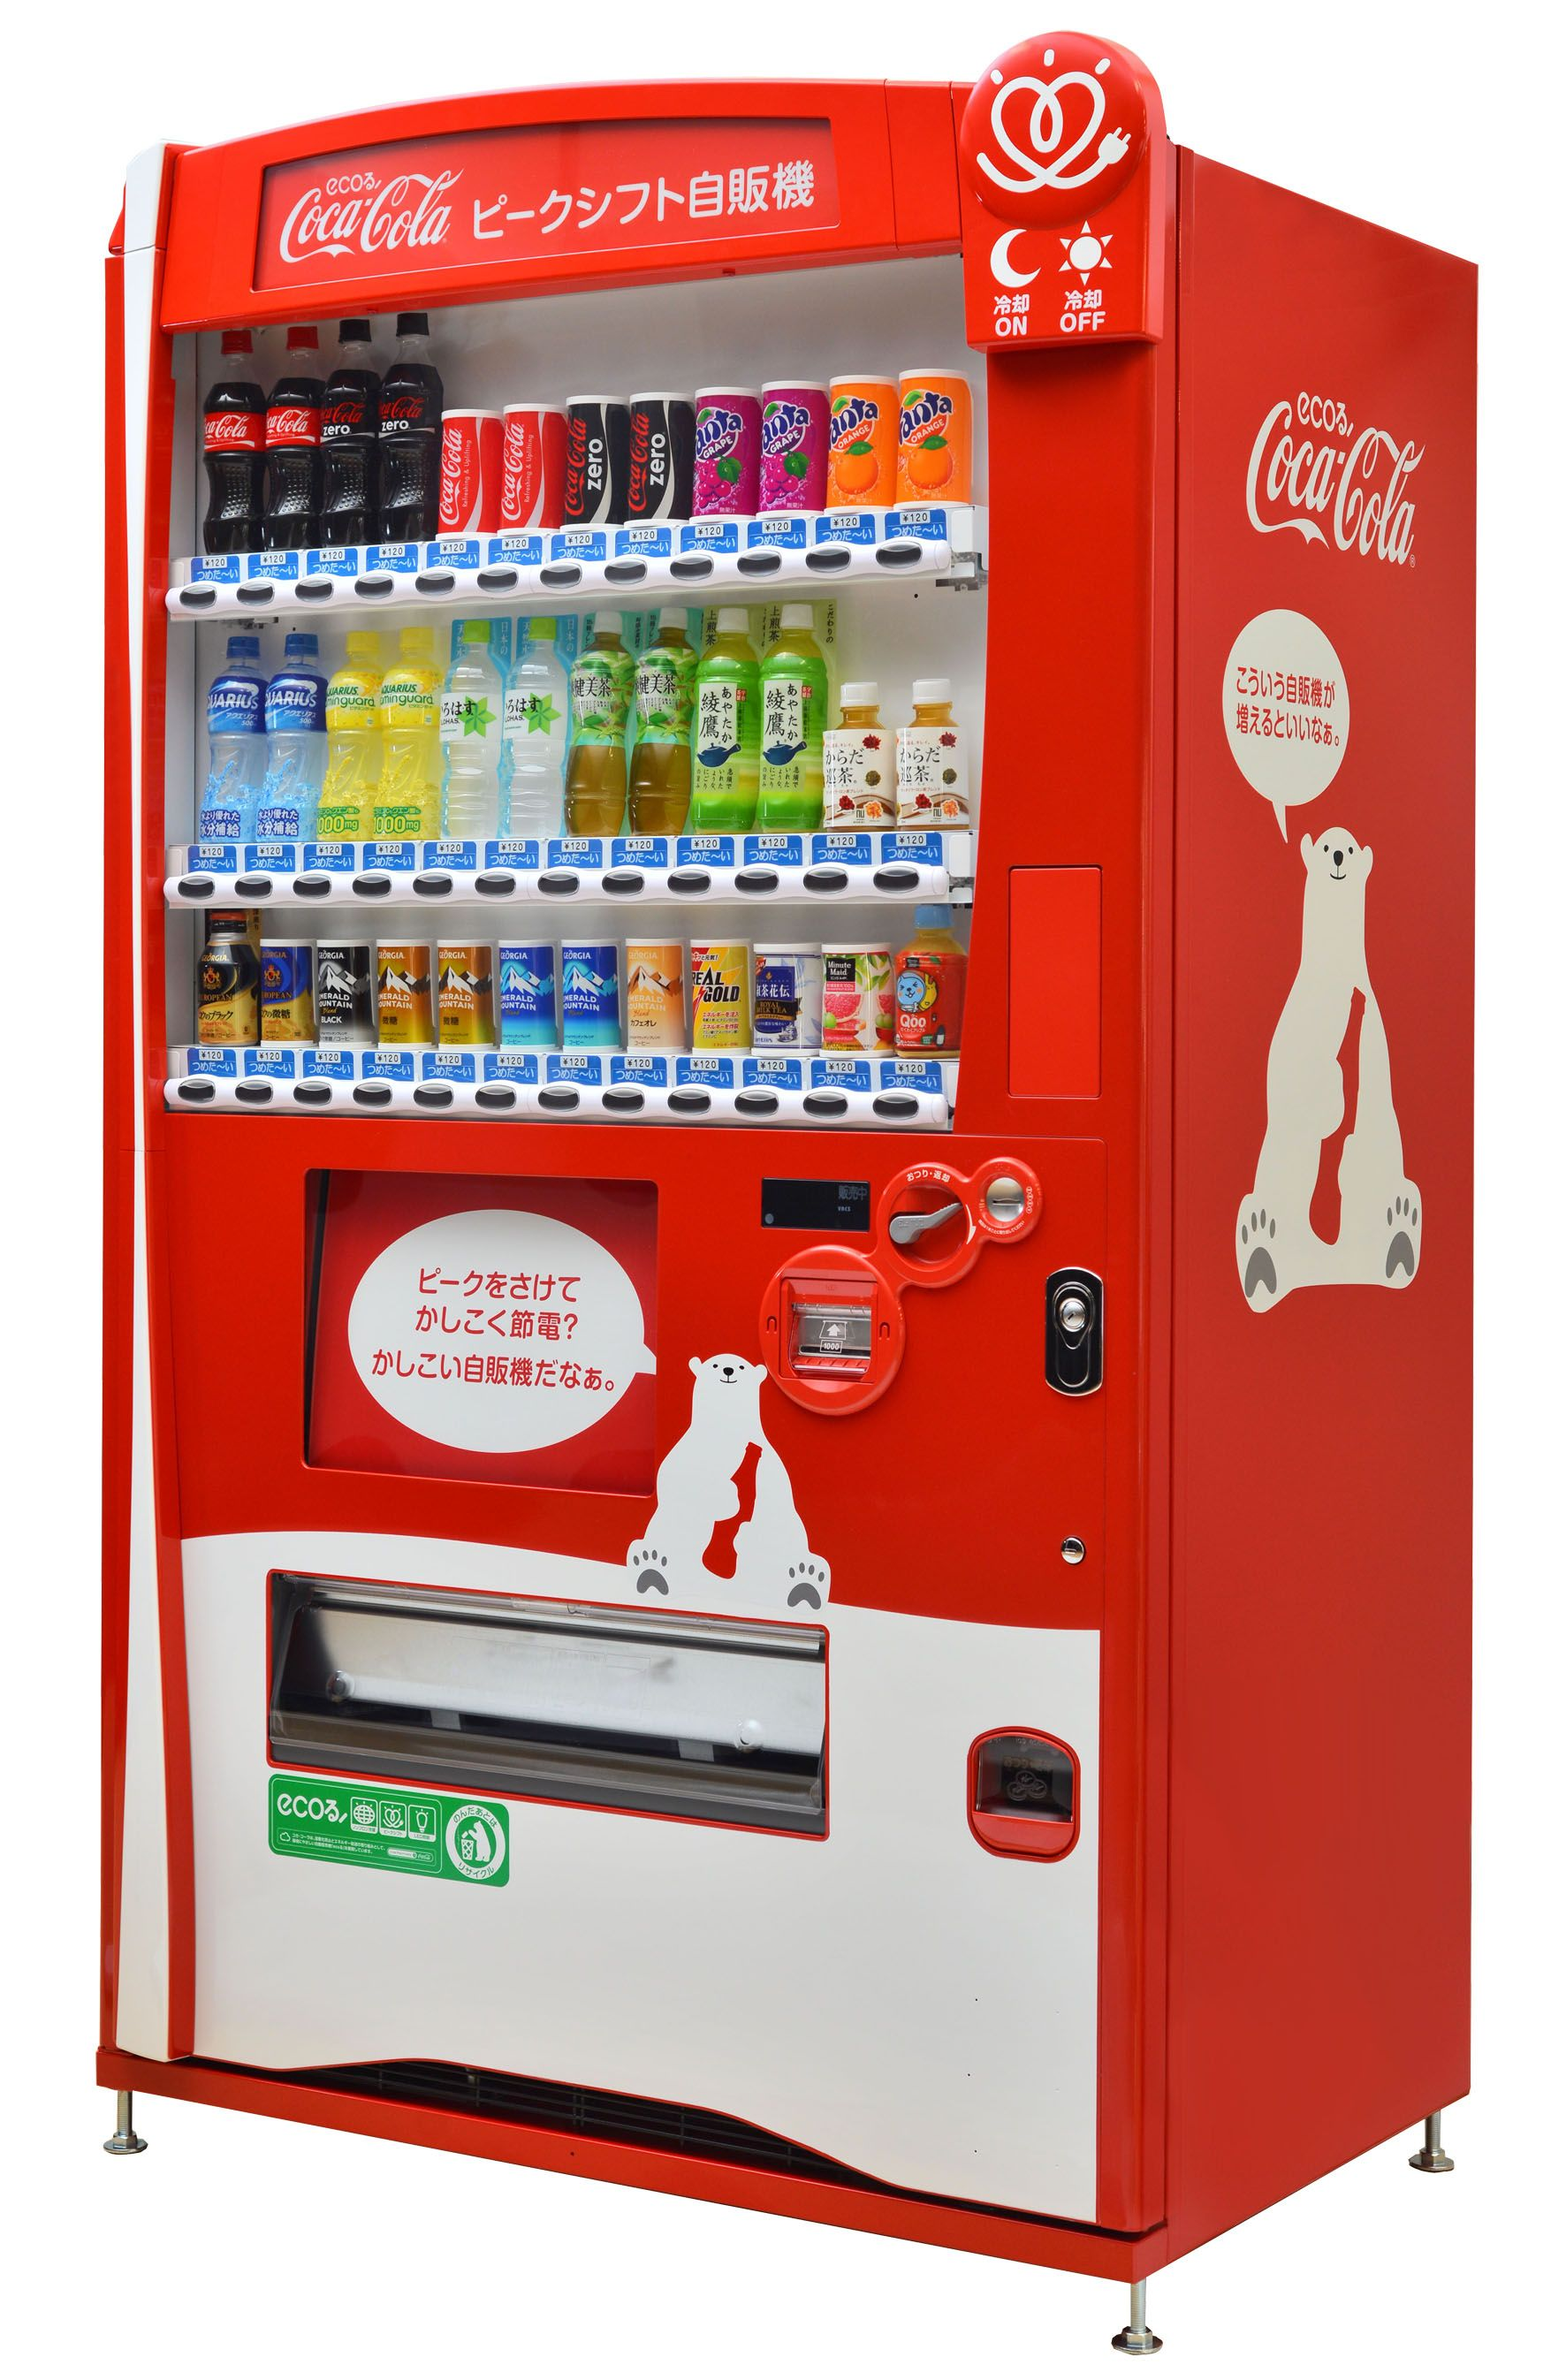 Unusual Japanese Vending Machines - Gallery | eBaum's World